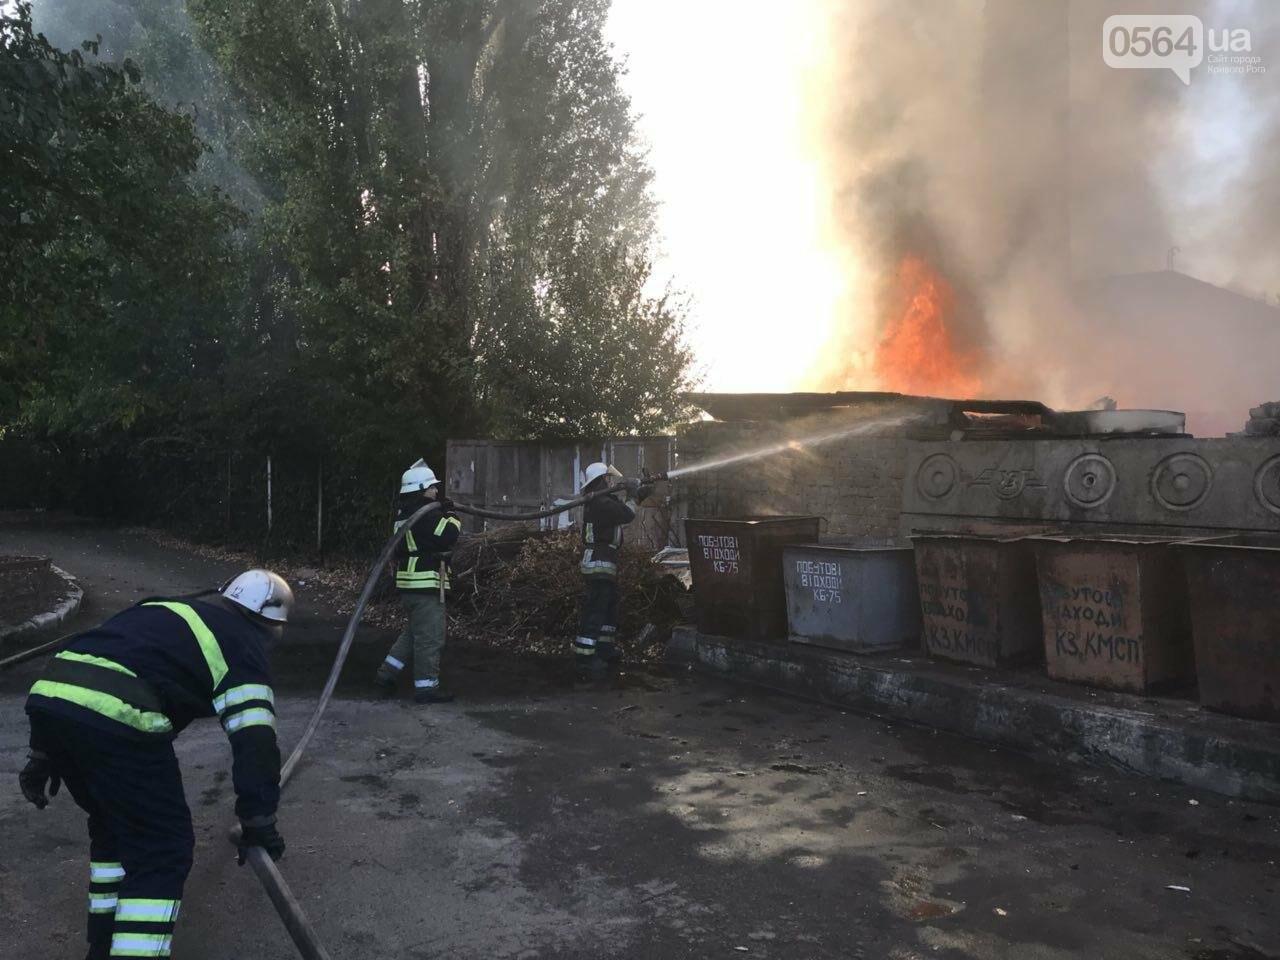 В Кривом Роге масштабный пожар: горели брошенные сараи, - ФОТО, ВИДЕО, фото-8